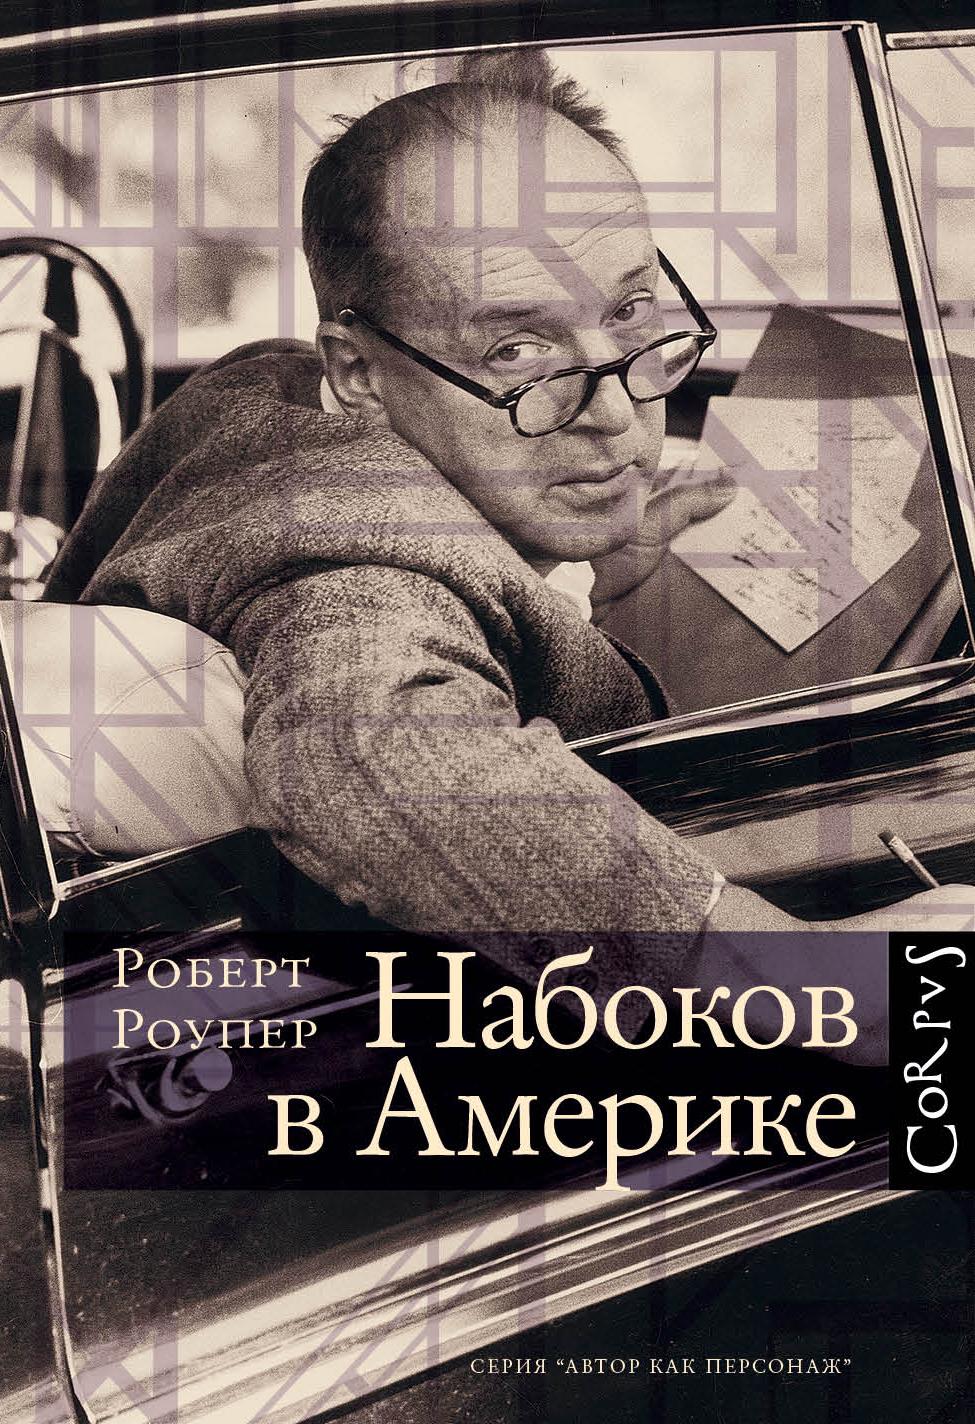 Роберт Роупер Набоков в Америке. По дороге к «Лолите» цена